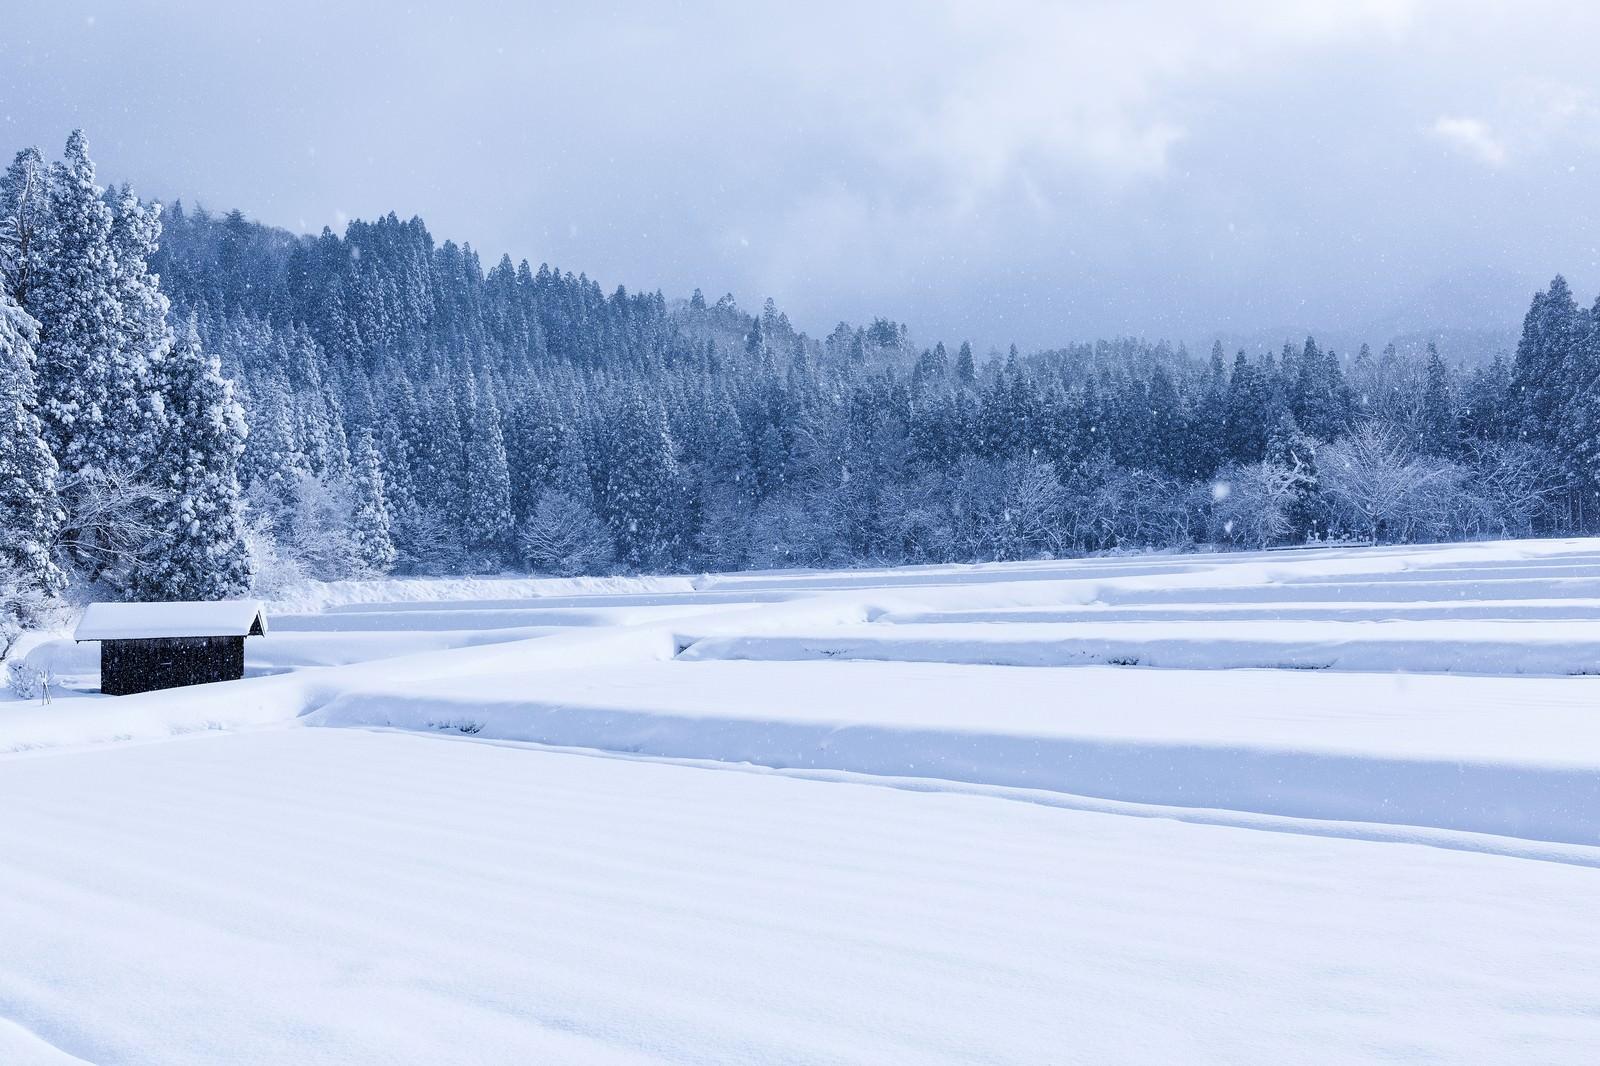 「雪が降り積もる山里」の写真